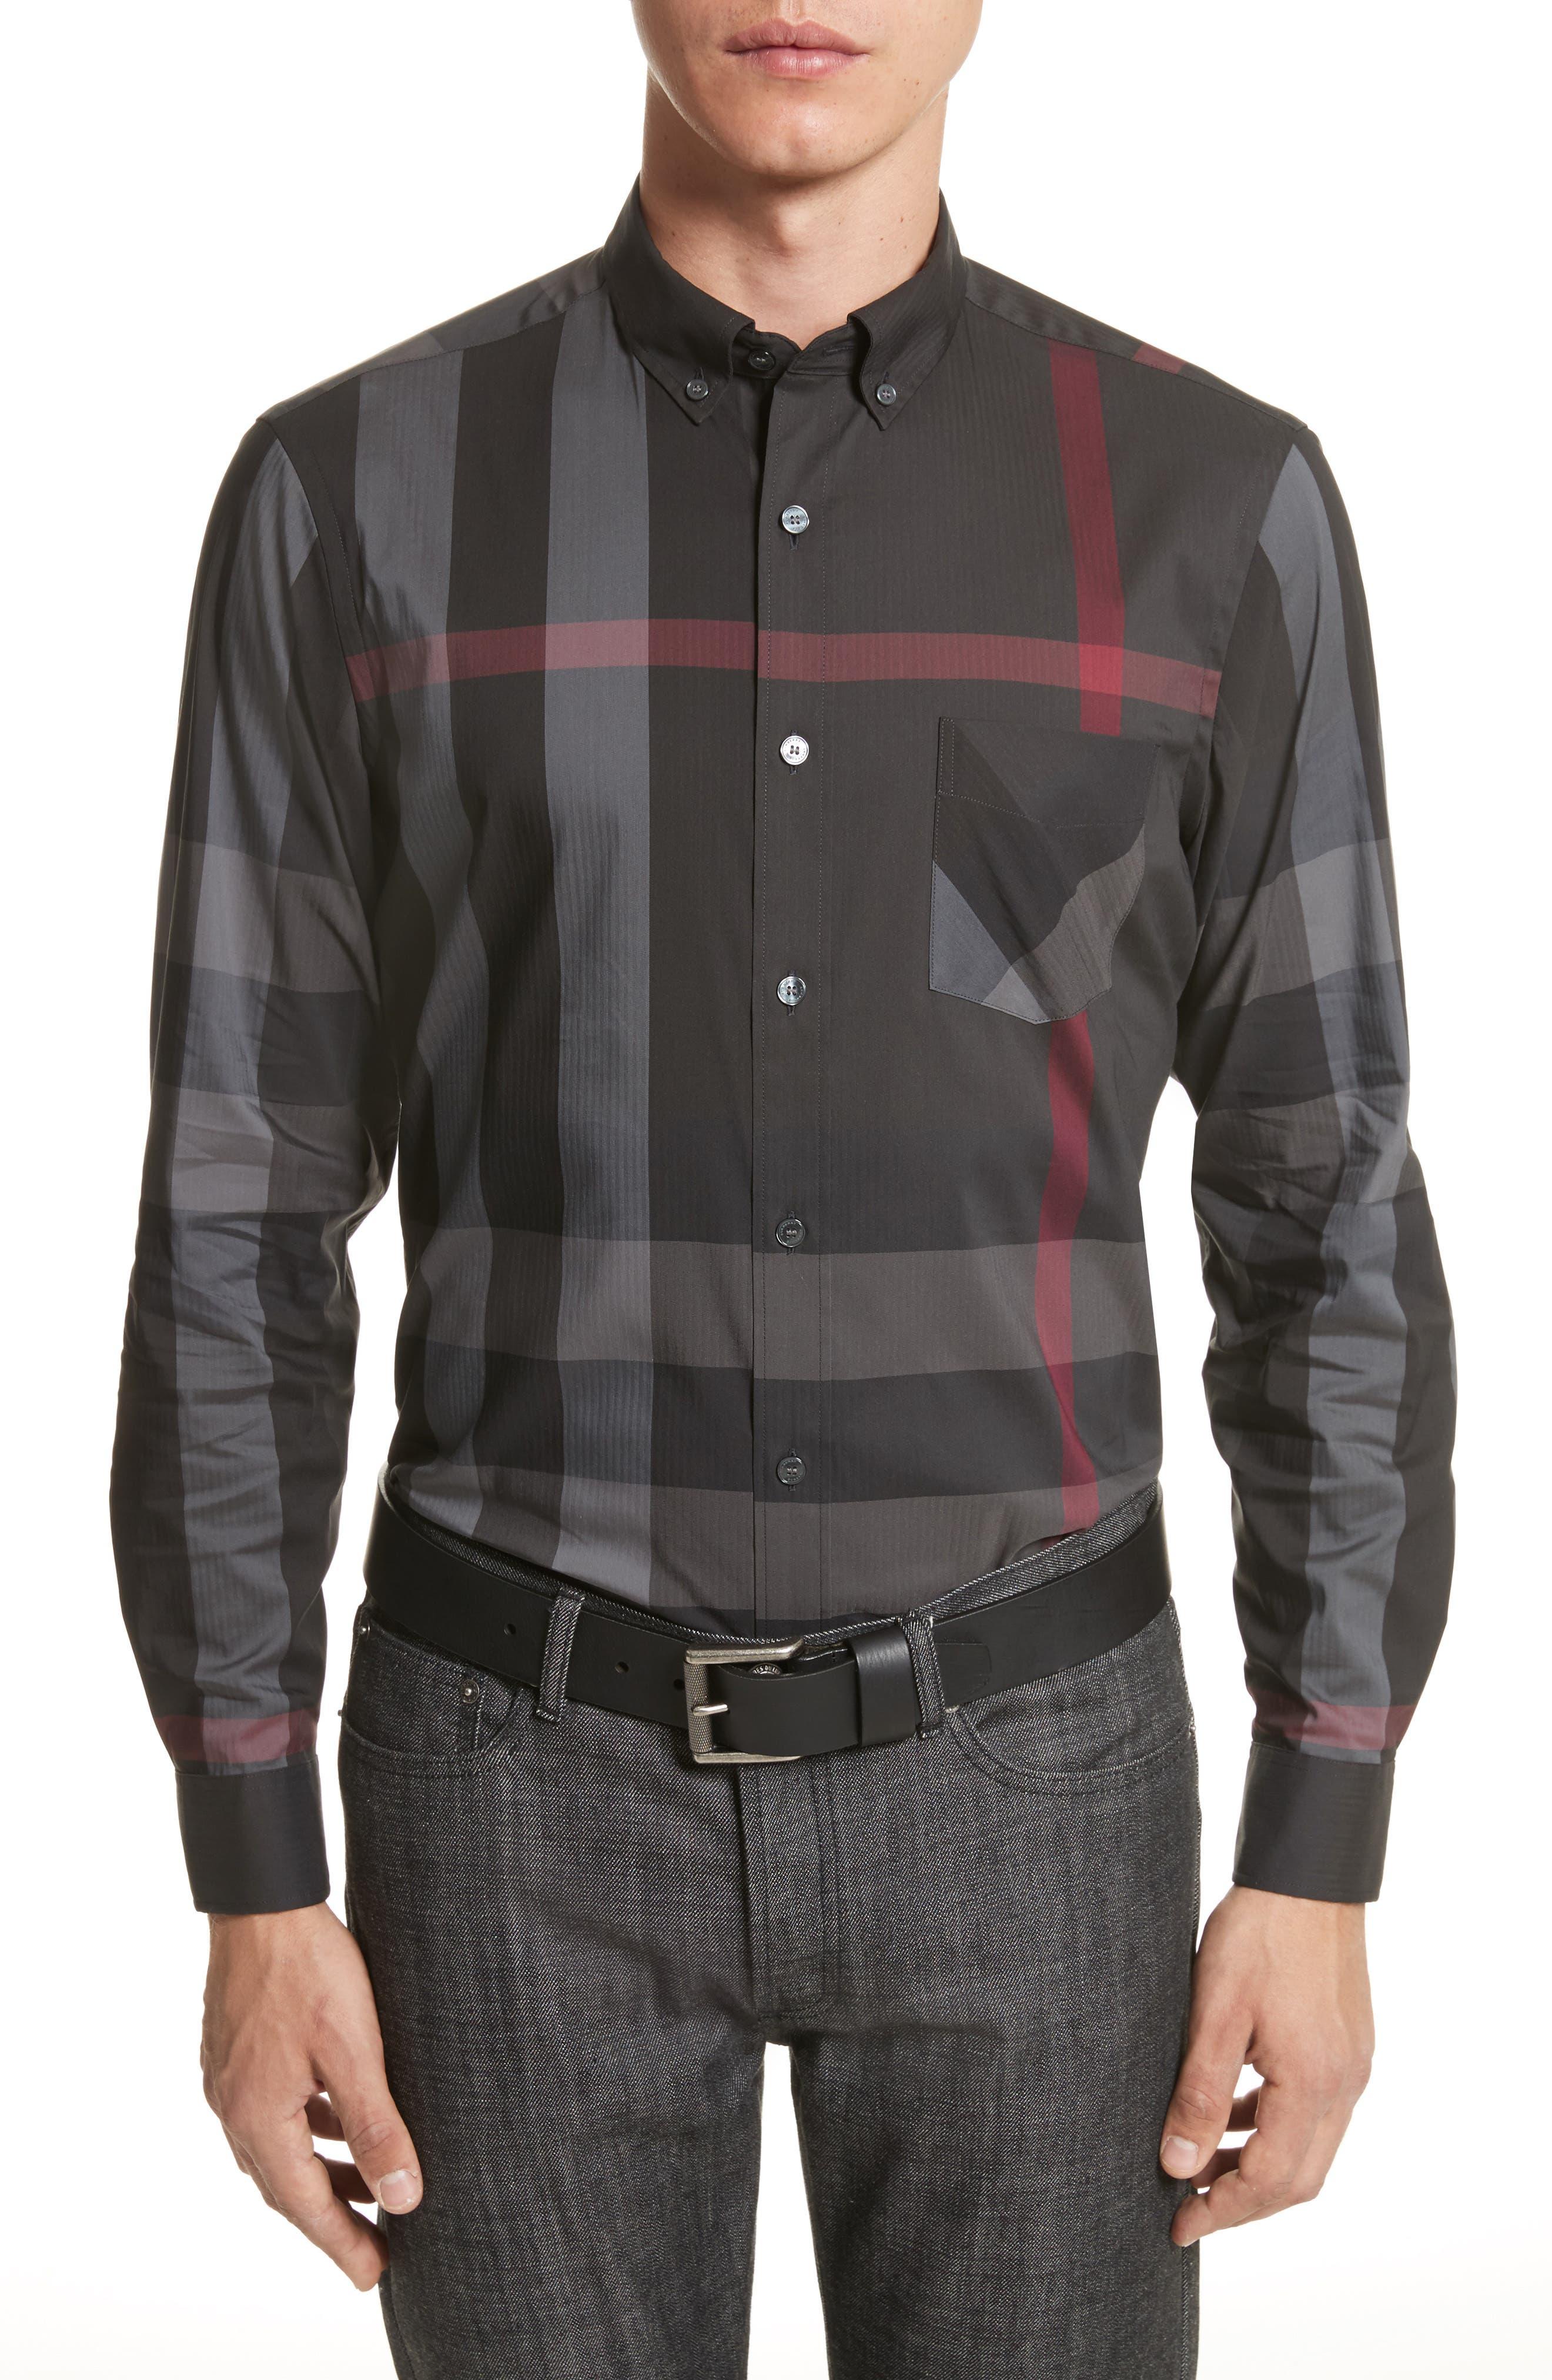 Main Image - Burberry Thornaby Slim Fit Plaid Sportshirt